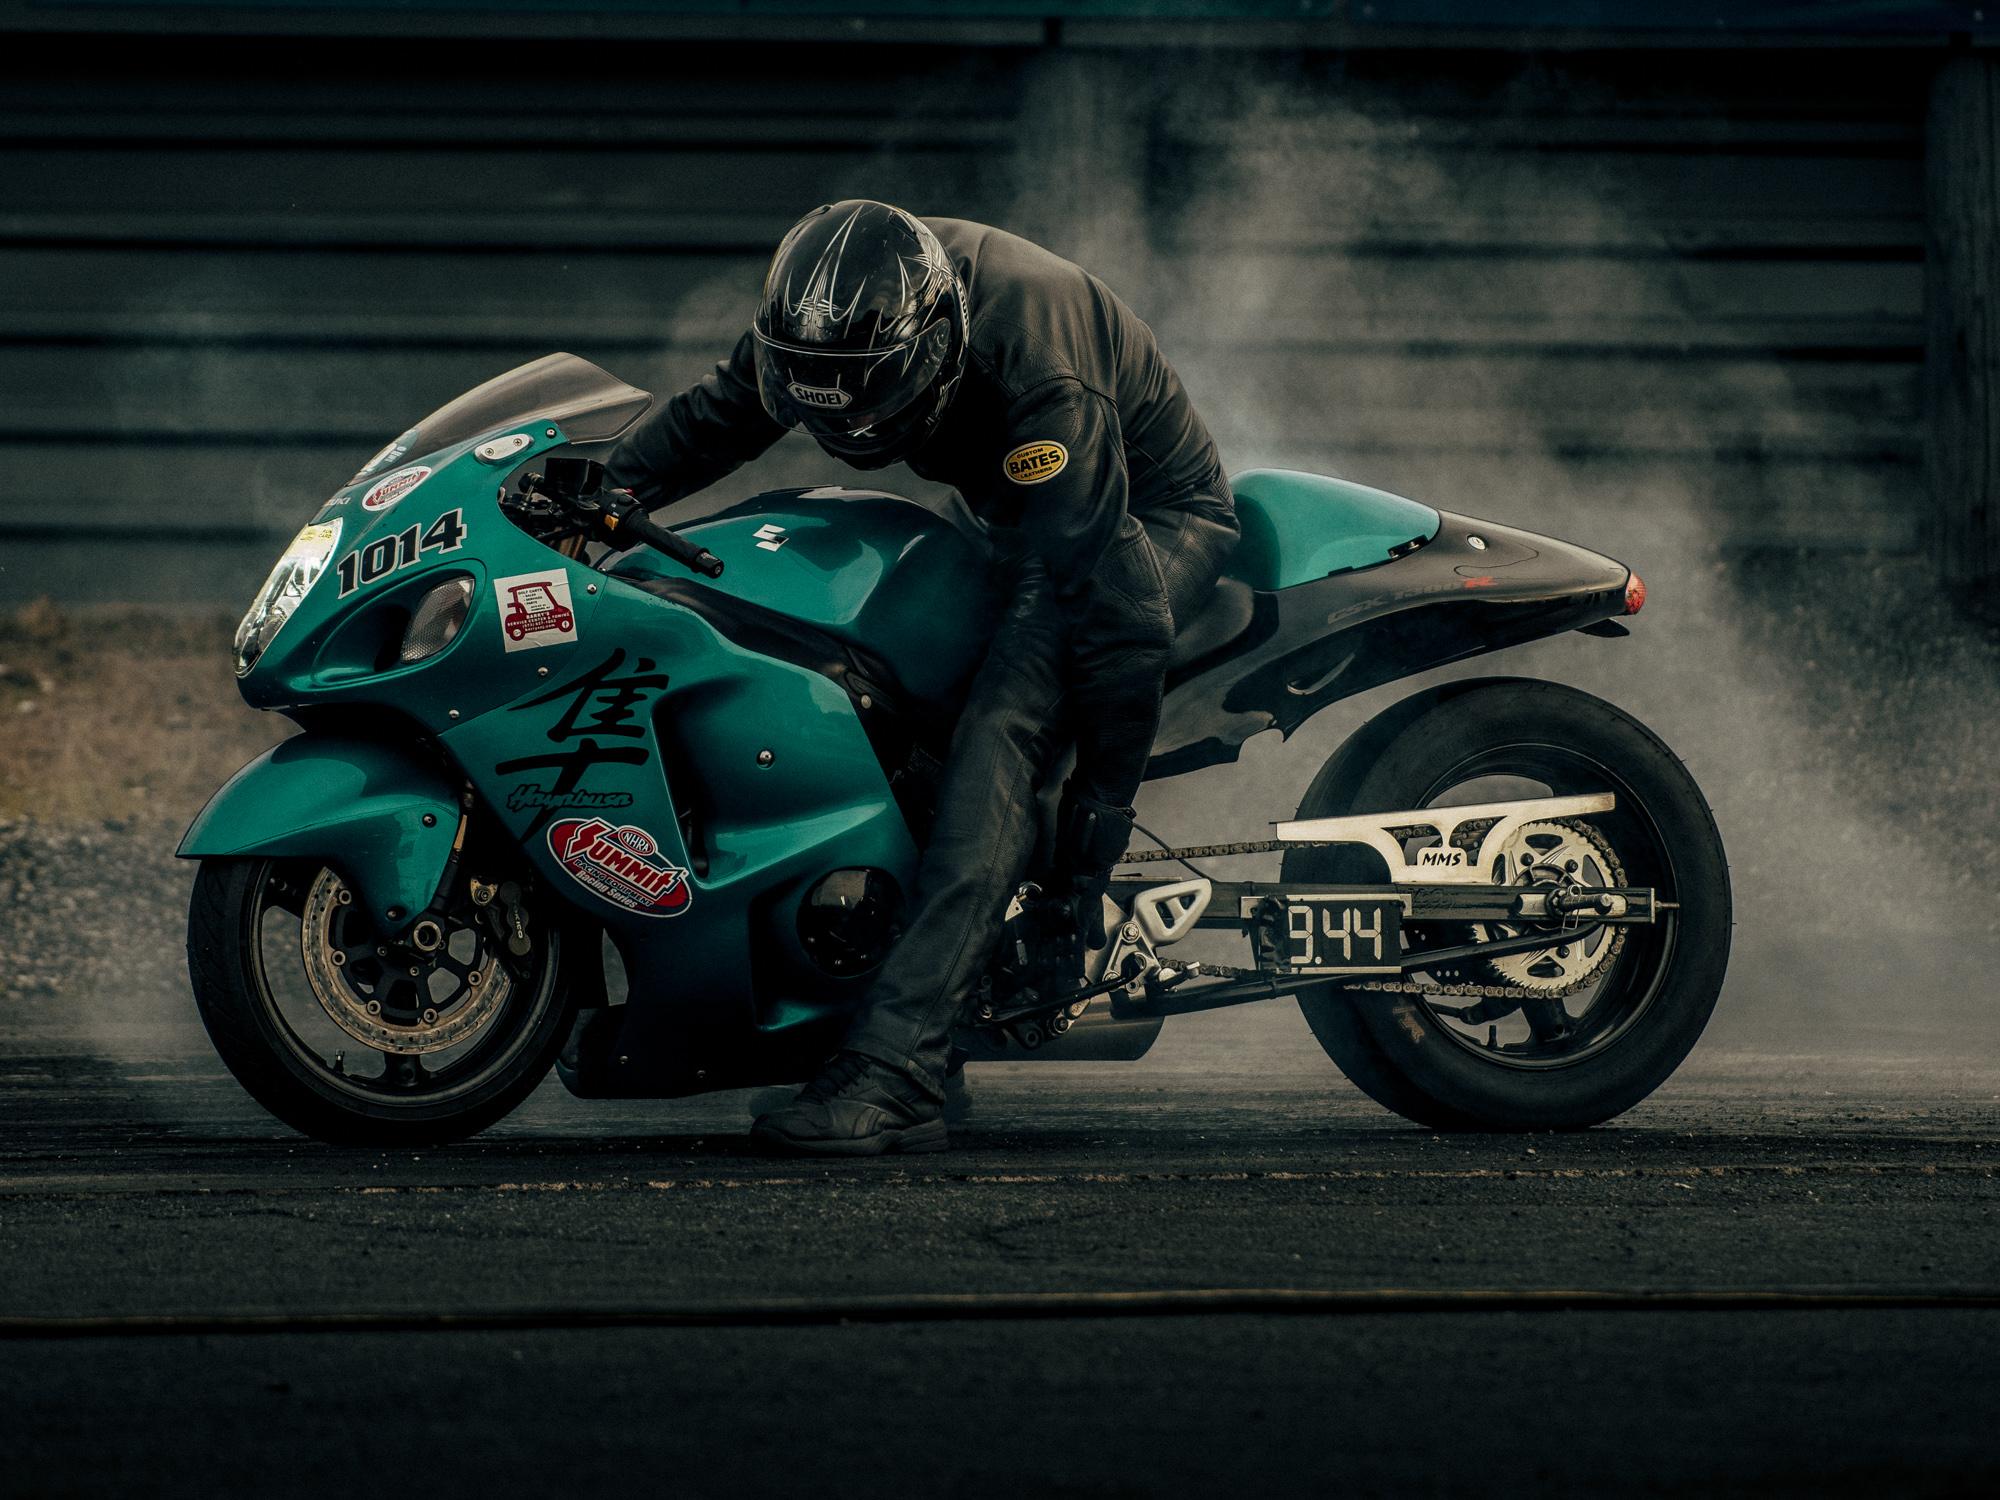 motorcycle01.jpg